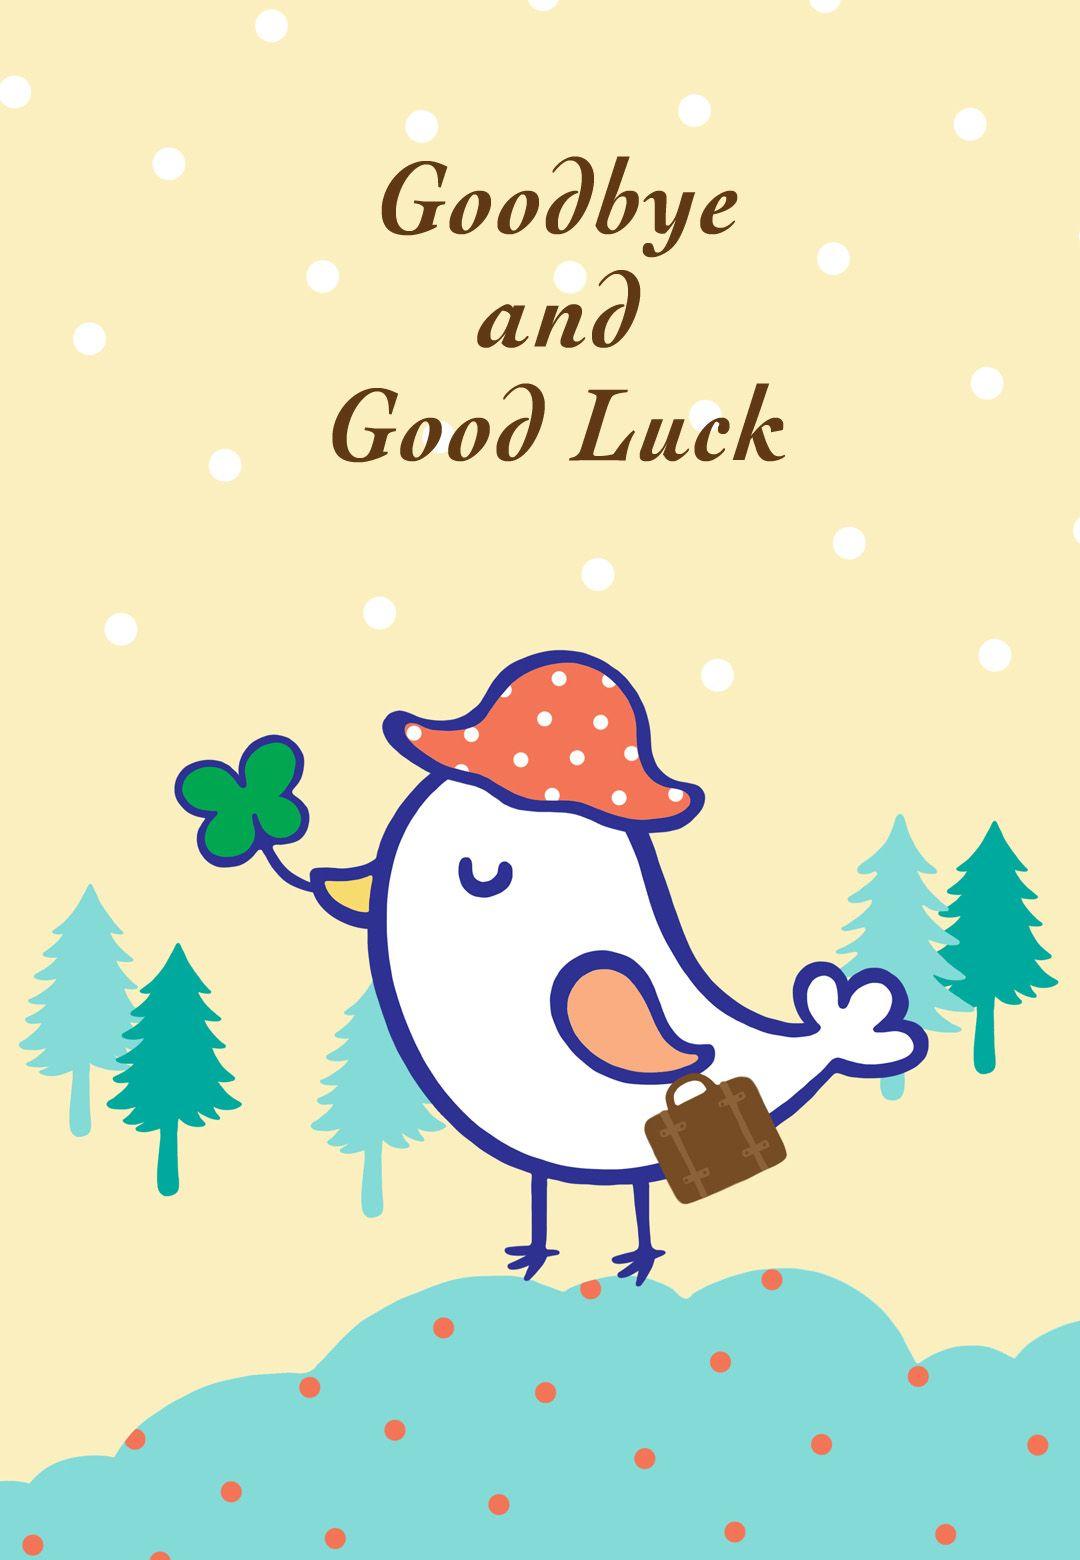 Free Printable Goodbye And Good Luck Greeting Card   Littlestar - Free Printable Good Luck Cards